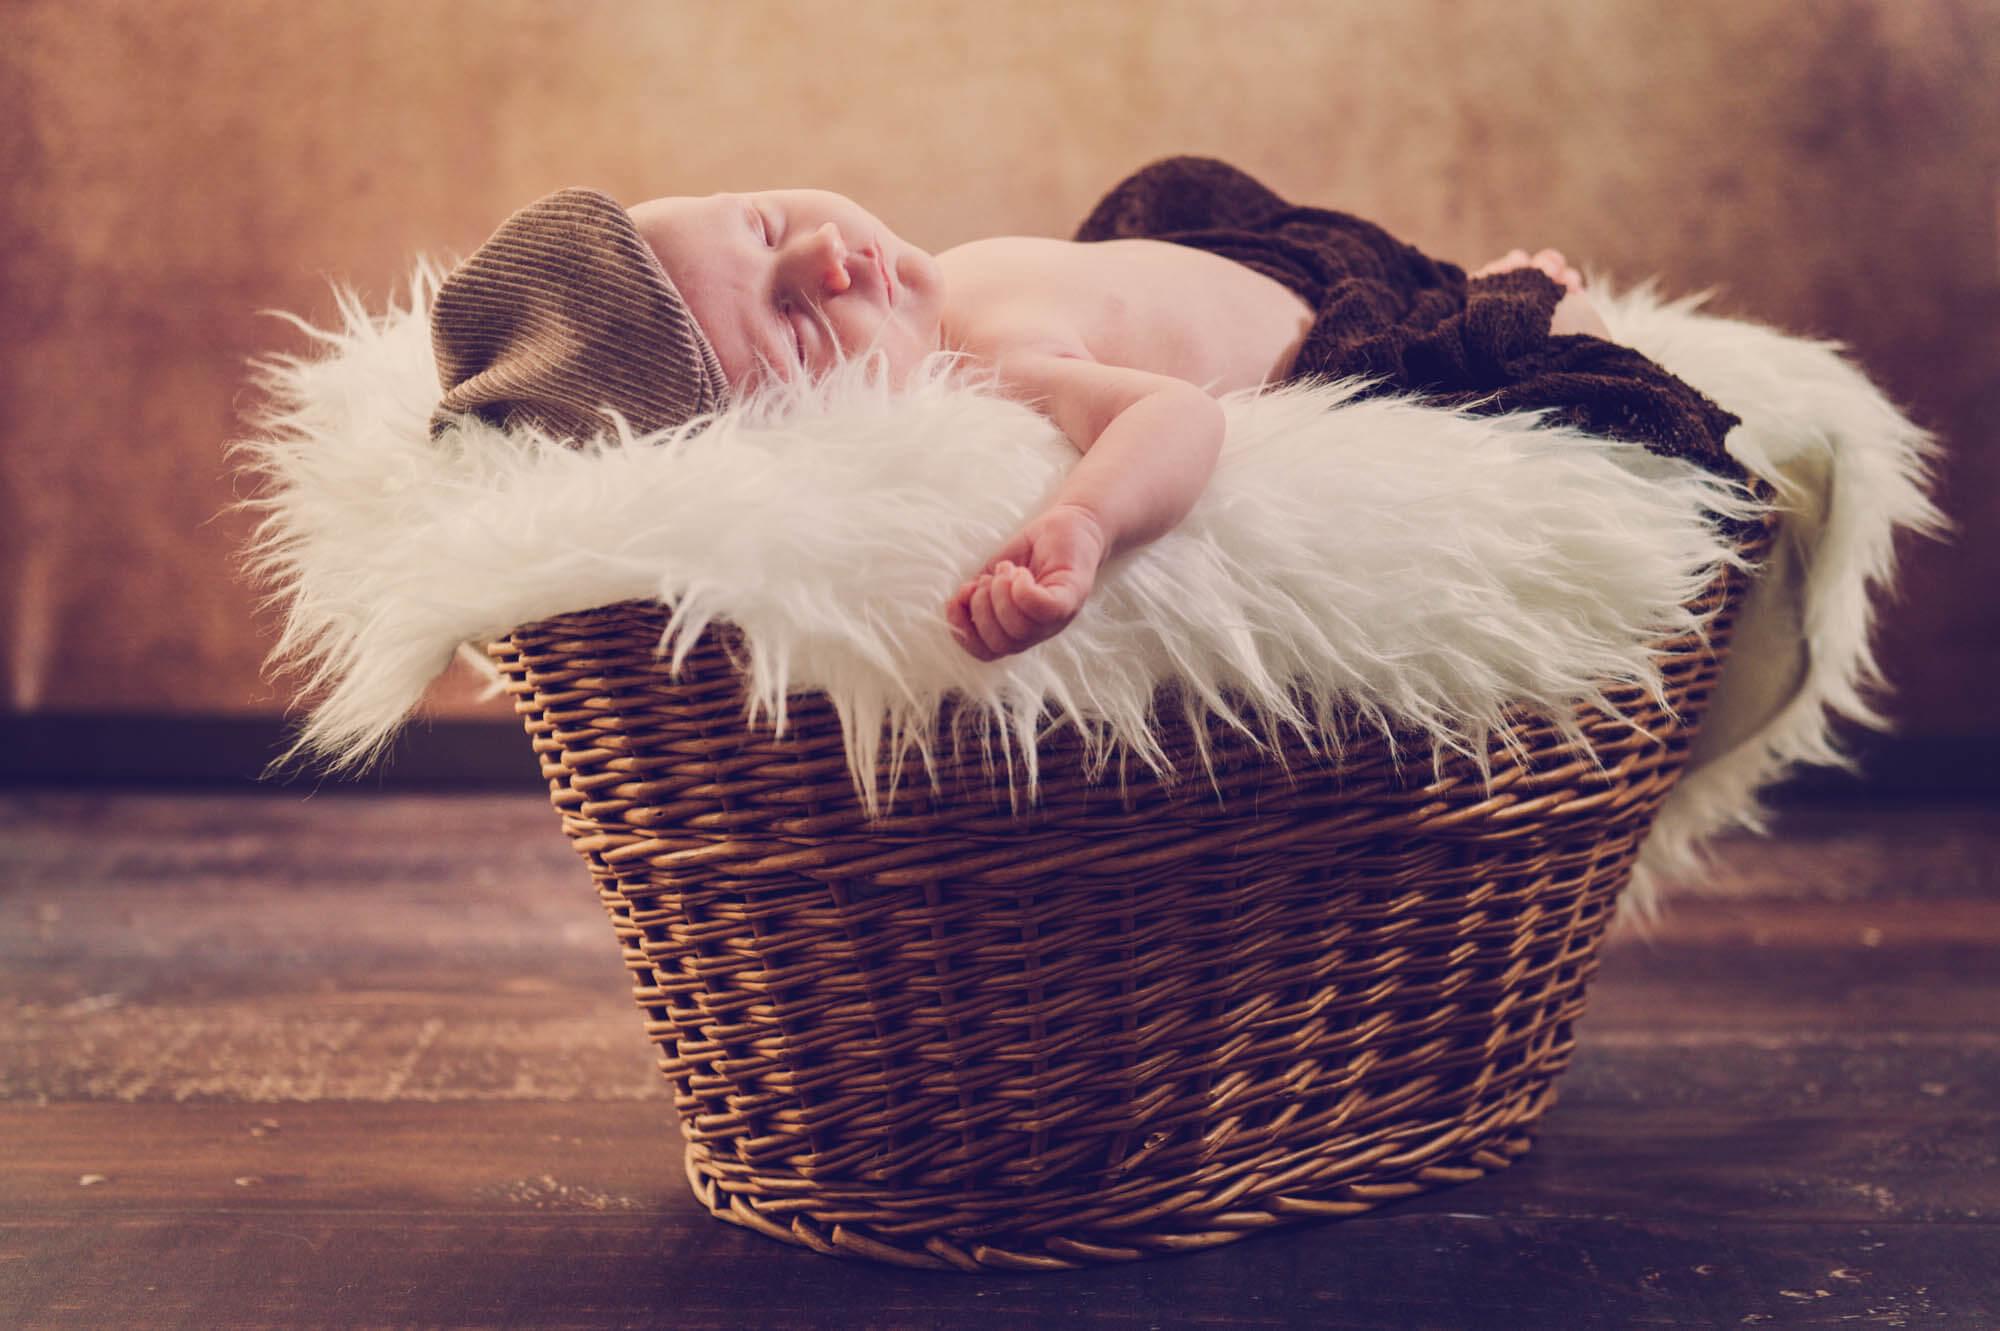 Baby-Vincent-1 Leistungen und Preise Fotograf Fotostudio Müllheim